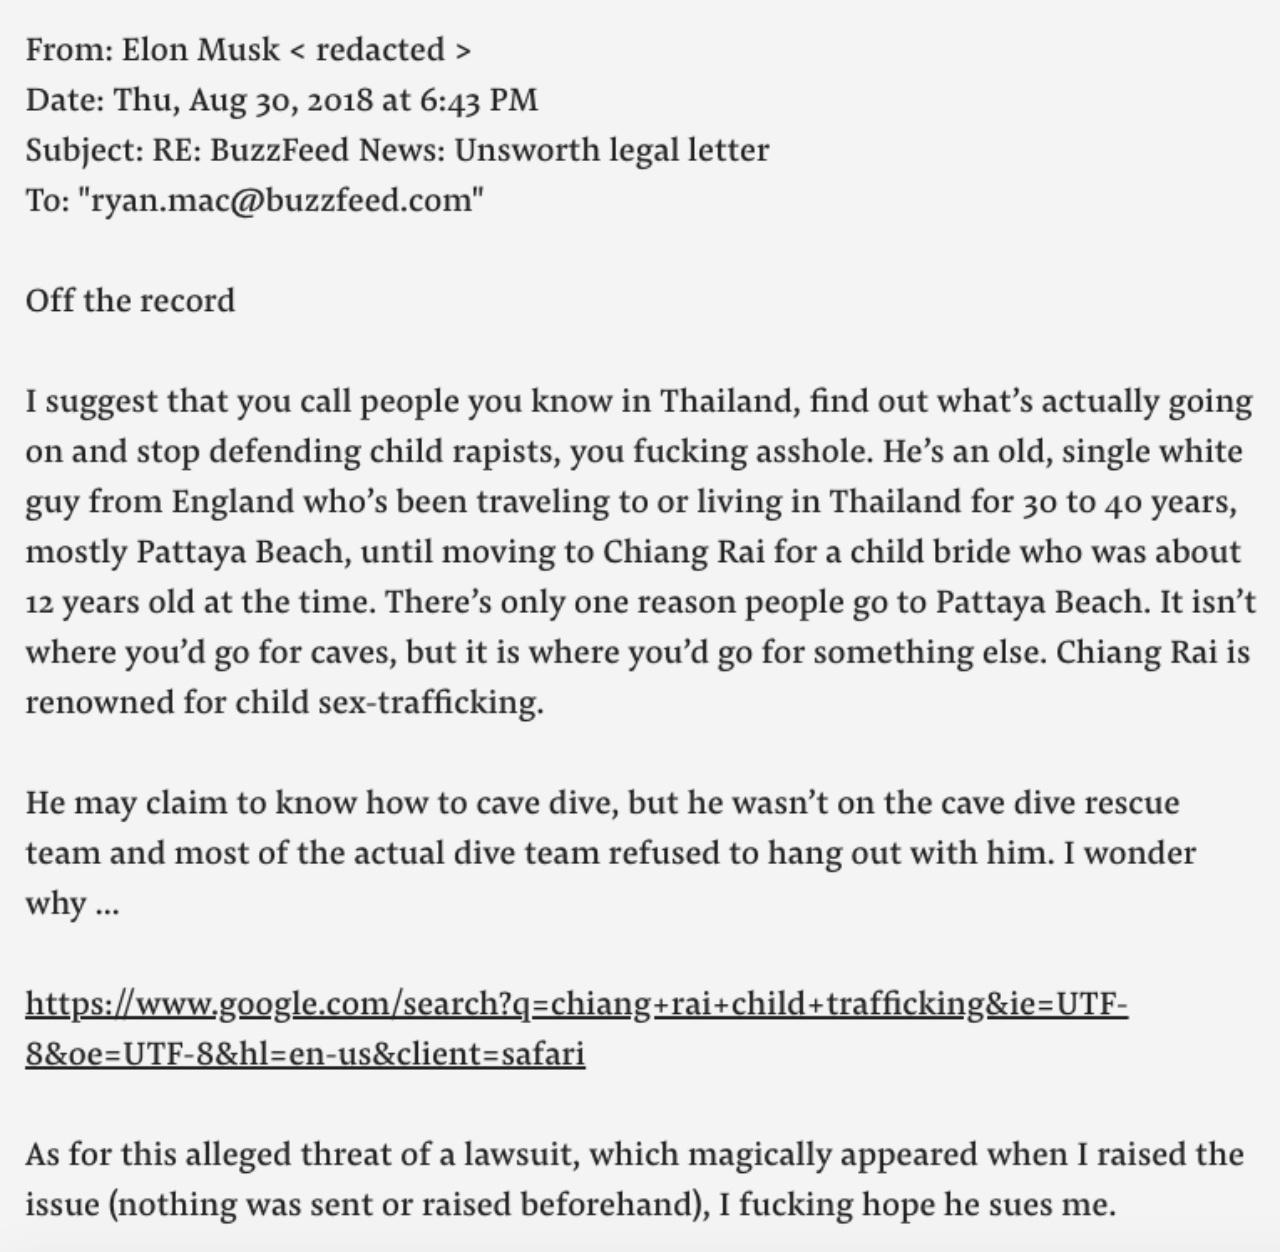 อีเมลตอลกลับฉบับแรกของมัสก์